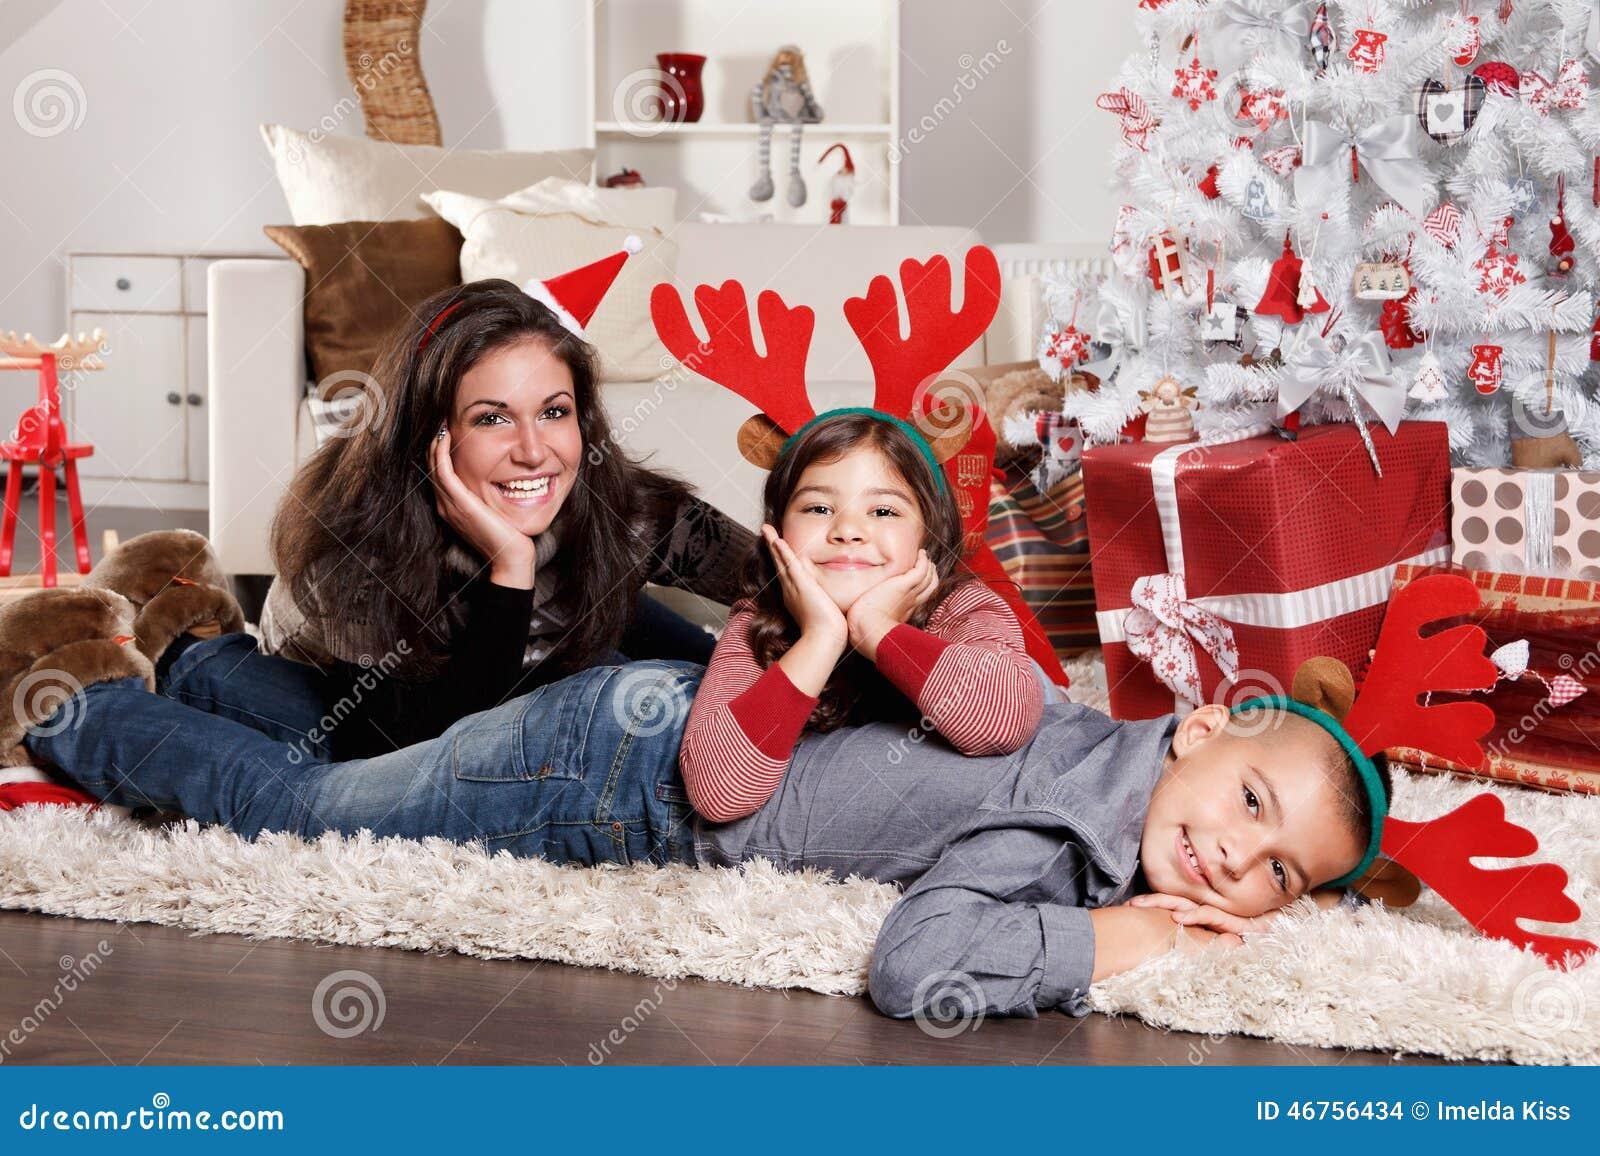 Grappig familieportret bij Kerstmis